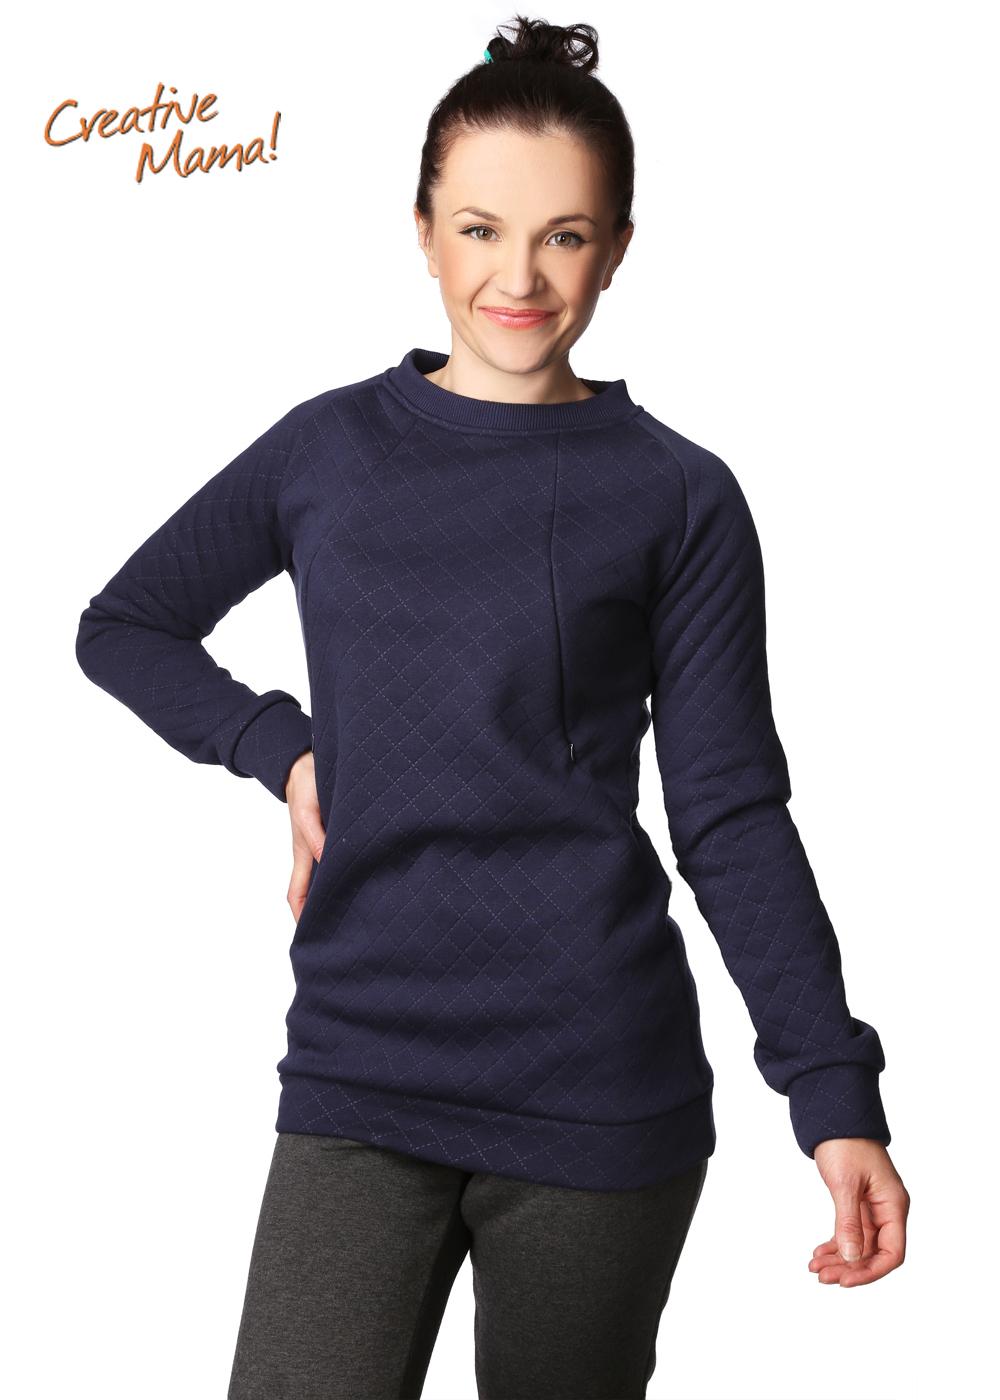 sweatshirt-teplyj-smile-2